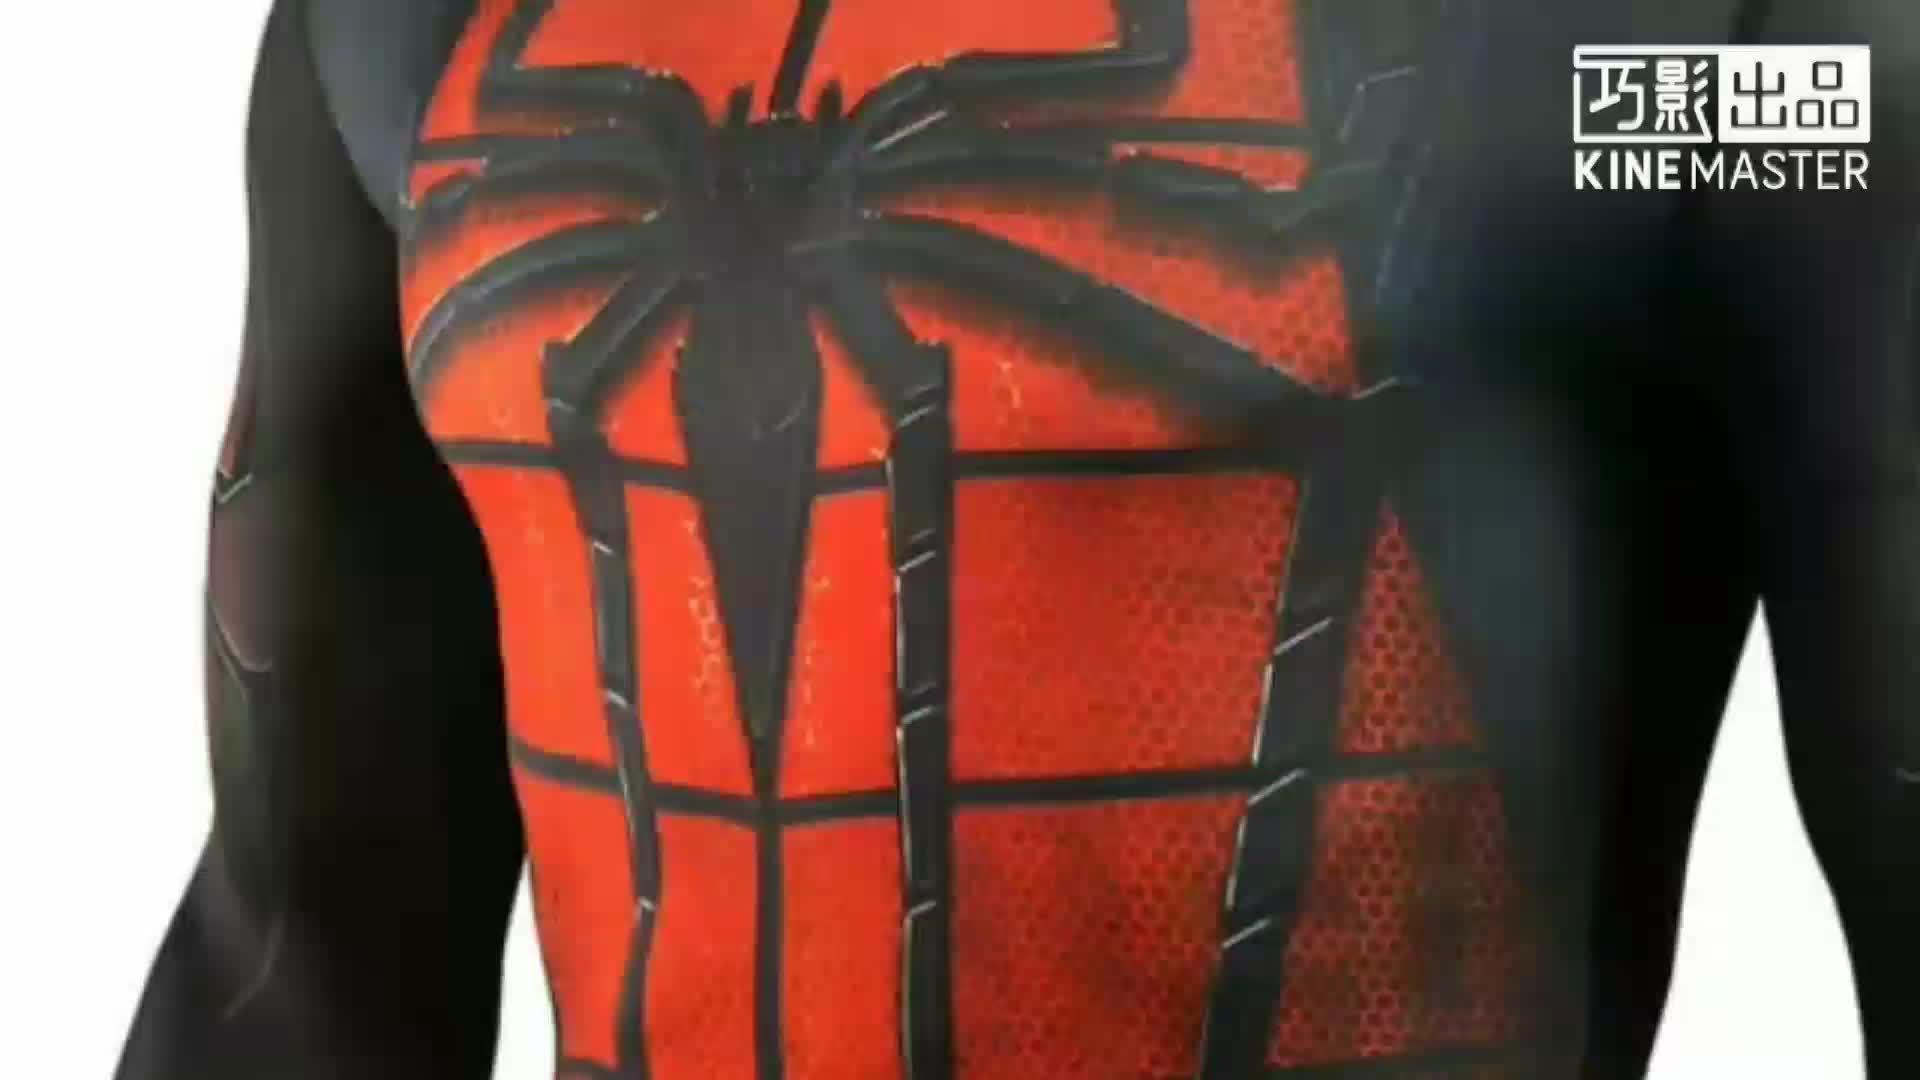 Spiderman T camisas hombres compresión camisetas Fitness hombre araña camisetas culturismo Top Venta caliente Crossfit lycra camiseta